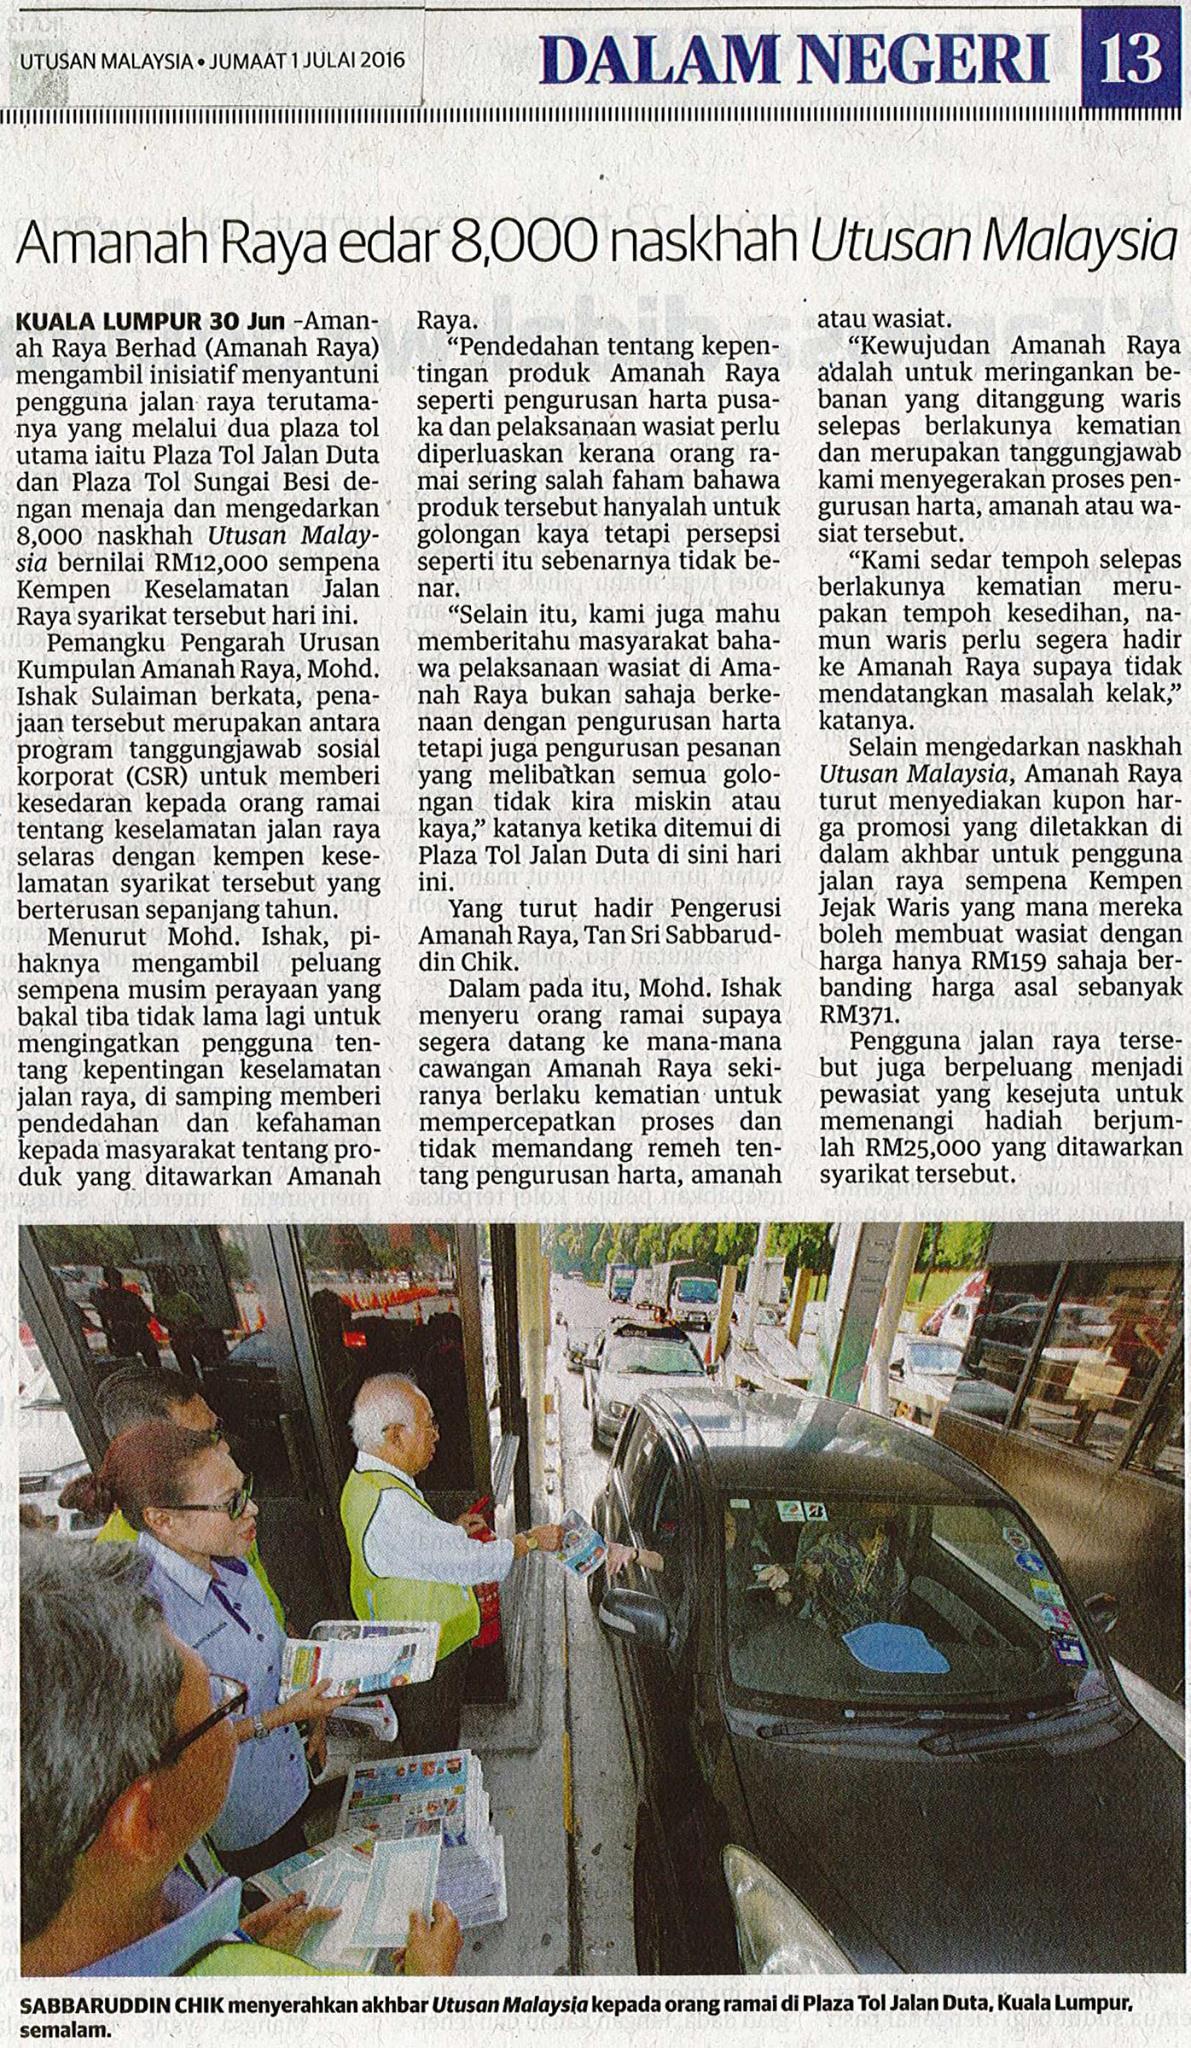 Amanah Raya Berhad (AmanahRaya) mengambil inisiatif menyantuni pengguna jalan raya terutamanya yang melalui dua plaza tol utama iaitu Plaza Tol Jalan Duta dan Plaza Tol Sungai Besi dengan menaja dan mengedarkan 8,000 naskhah Utusan Malaysia bernilai RM12,000 sempena Kempen Keselamatan Jalan Raya syarikat tersebut hari ini.